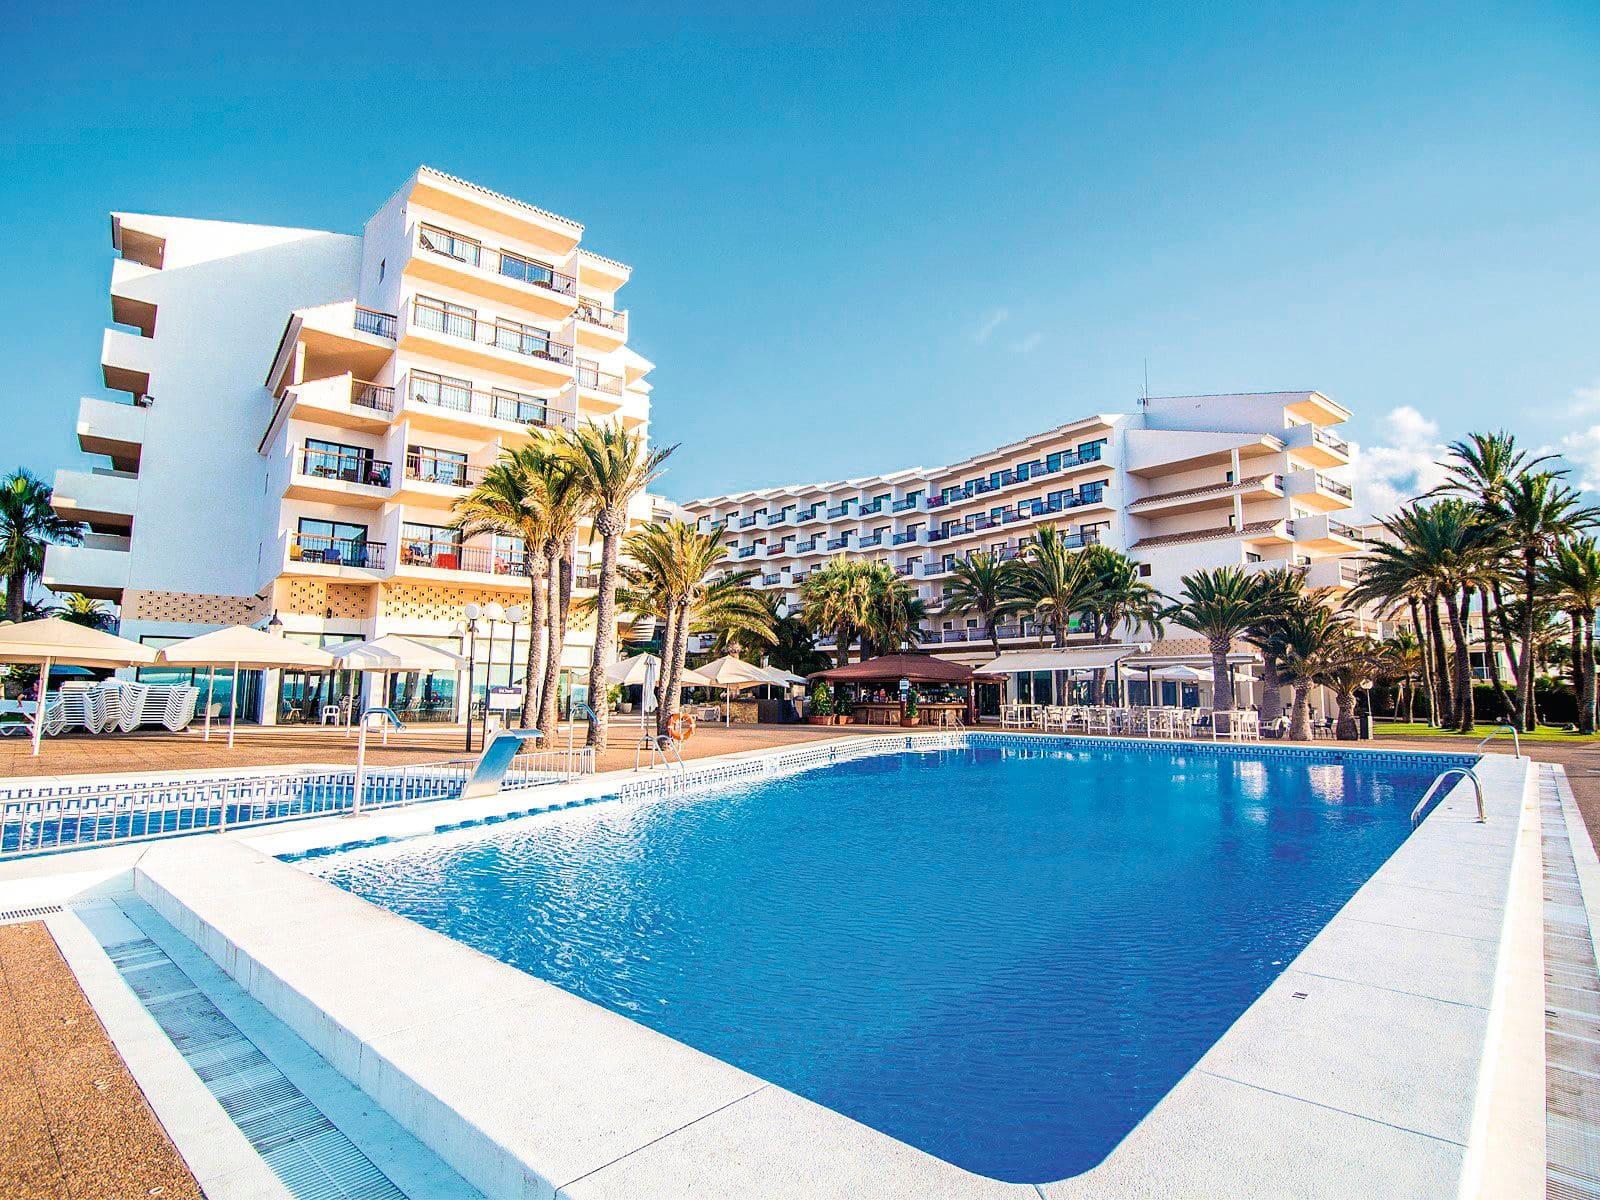 Hotel Cap Negret Spain